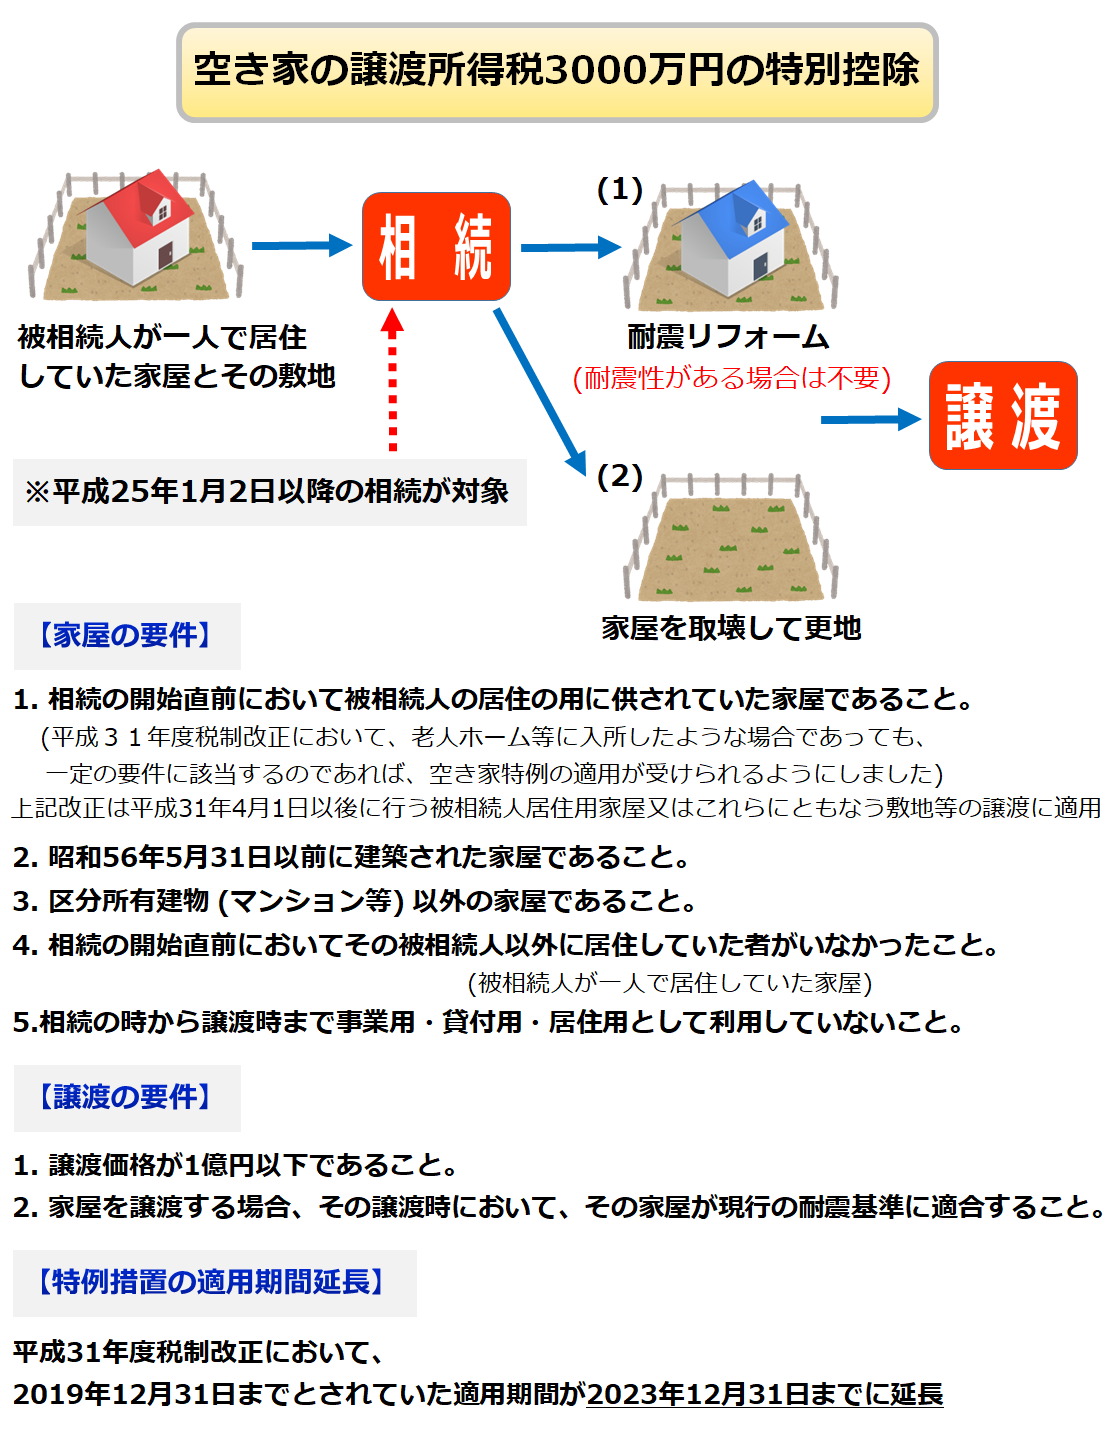 空き家の譲渡所得の3000万円特別控除についての概要